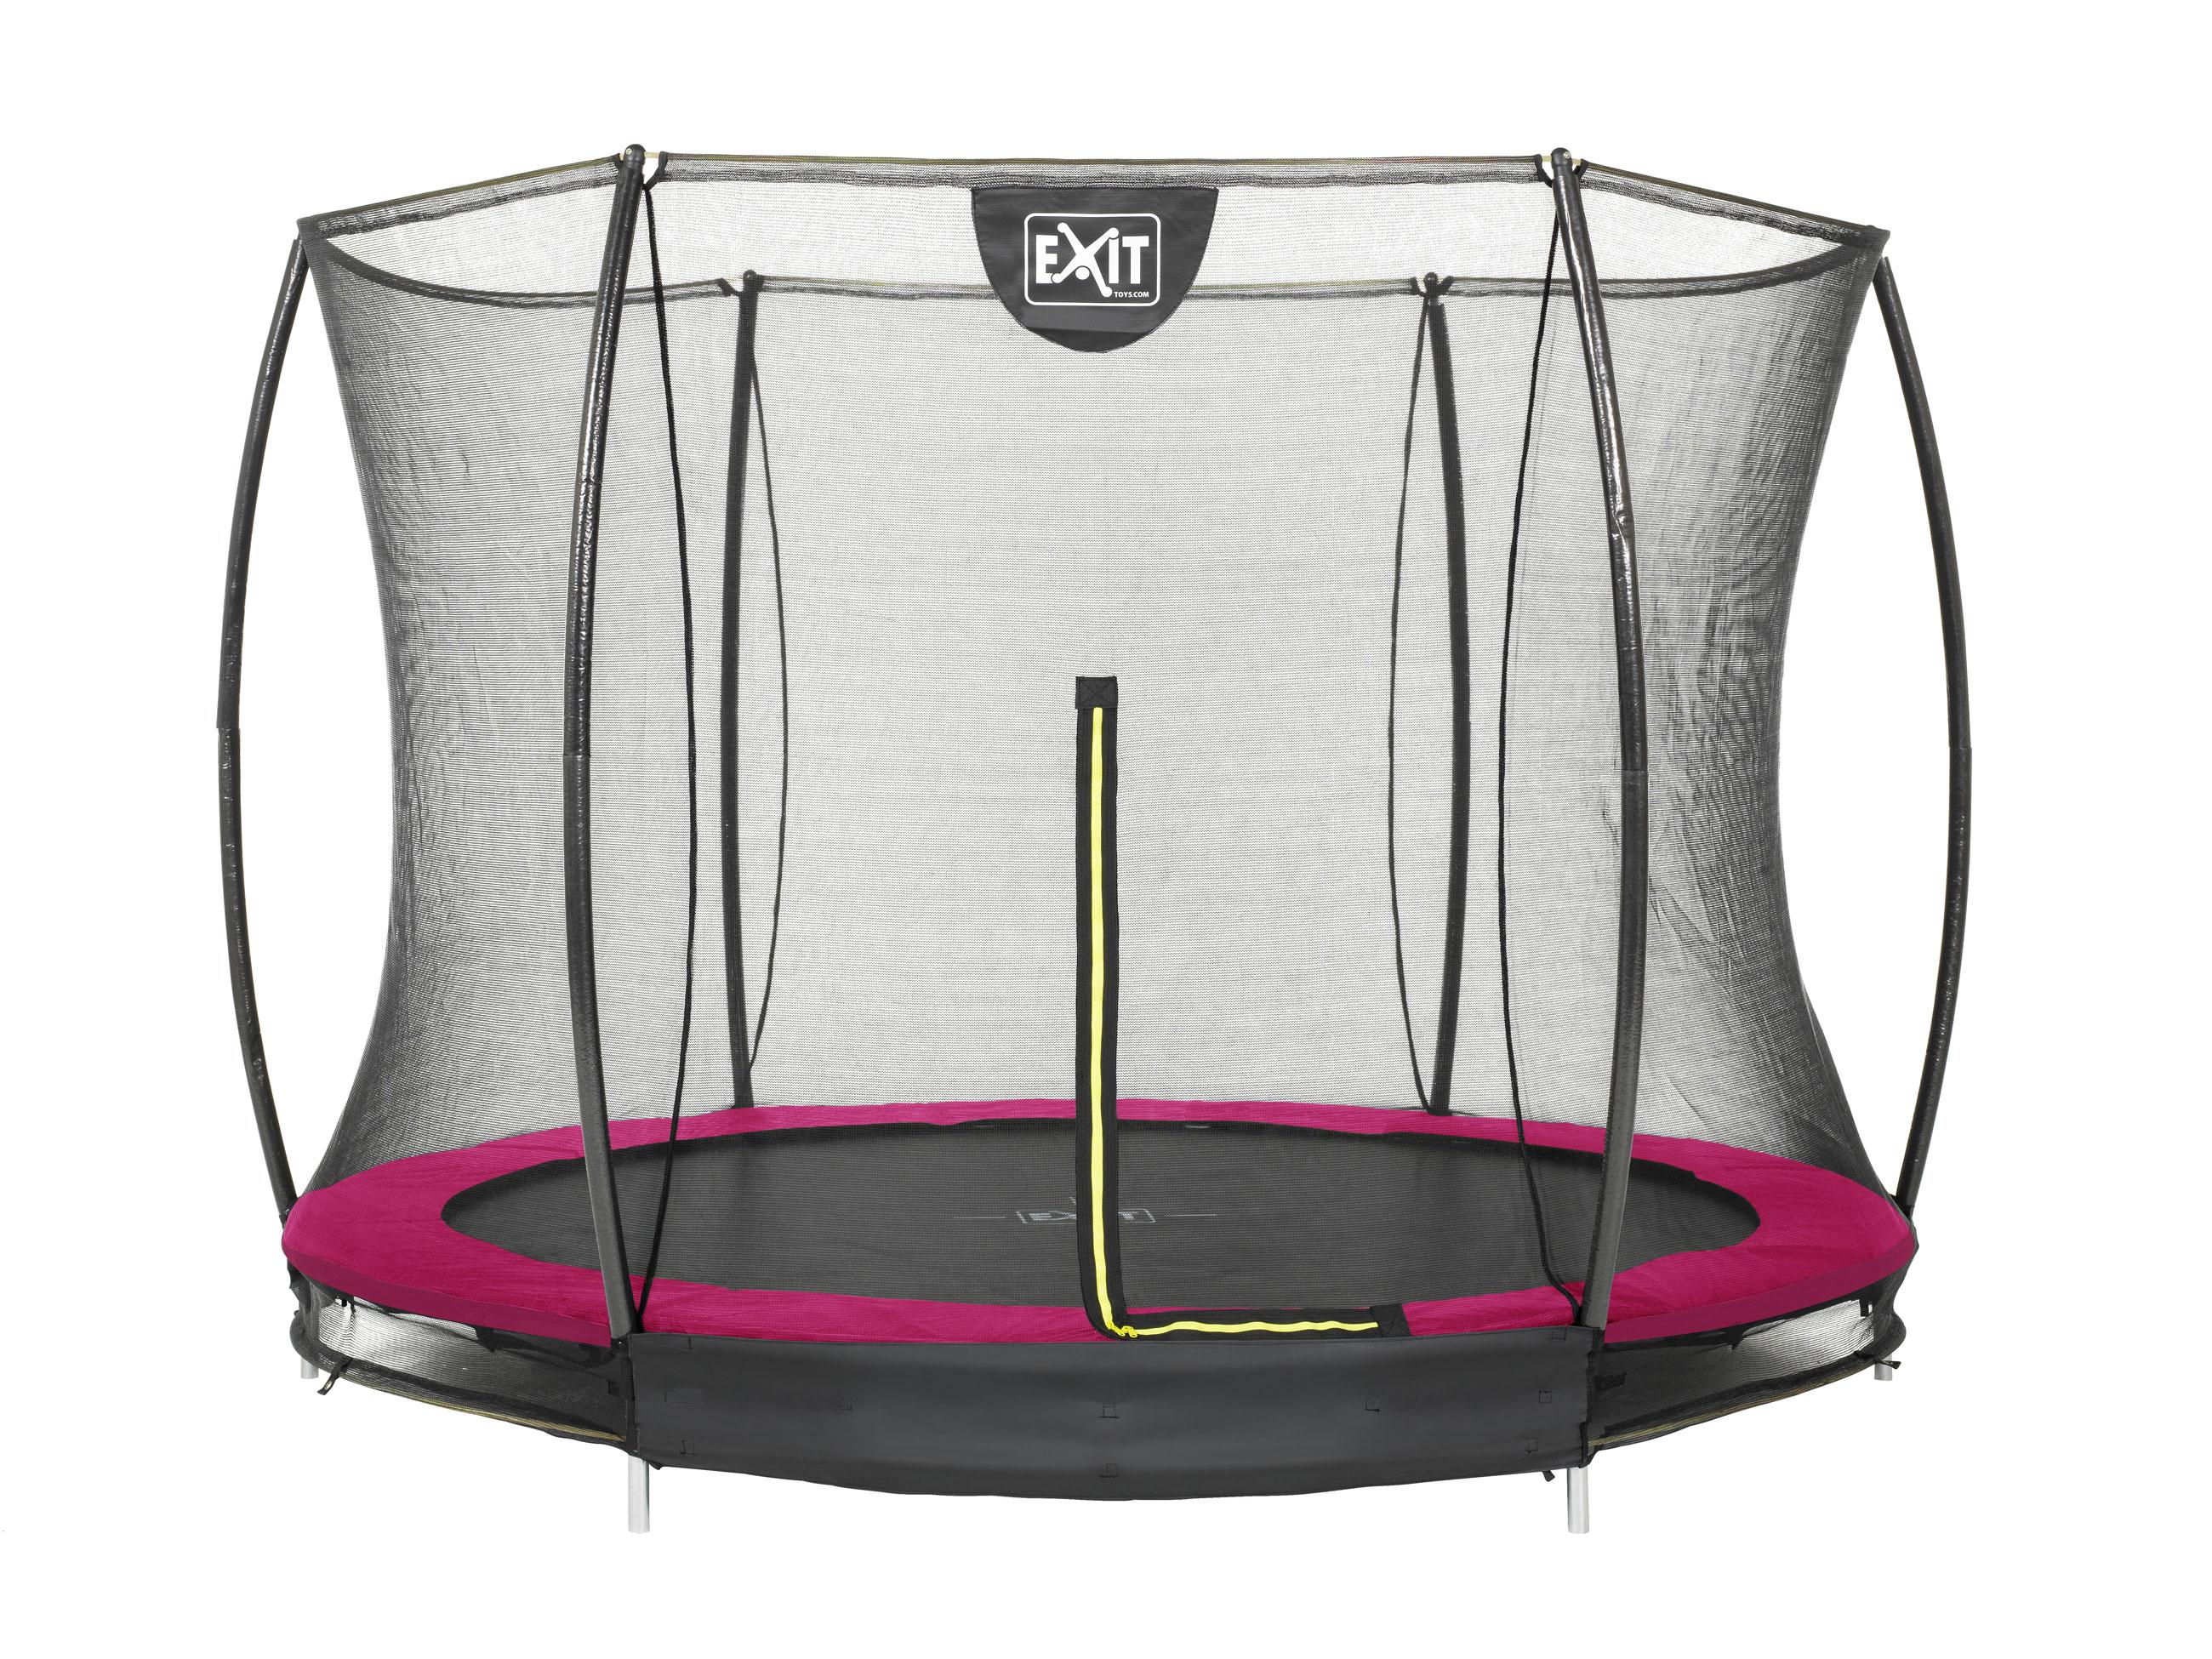 Trampolin EXIT Silhouette Ground mit Sicherheitsnetz Ø305cm Lime pink Bild 1